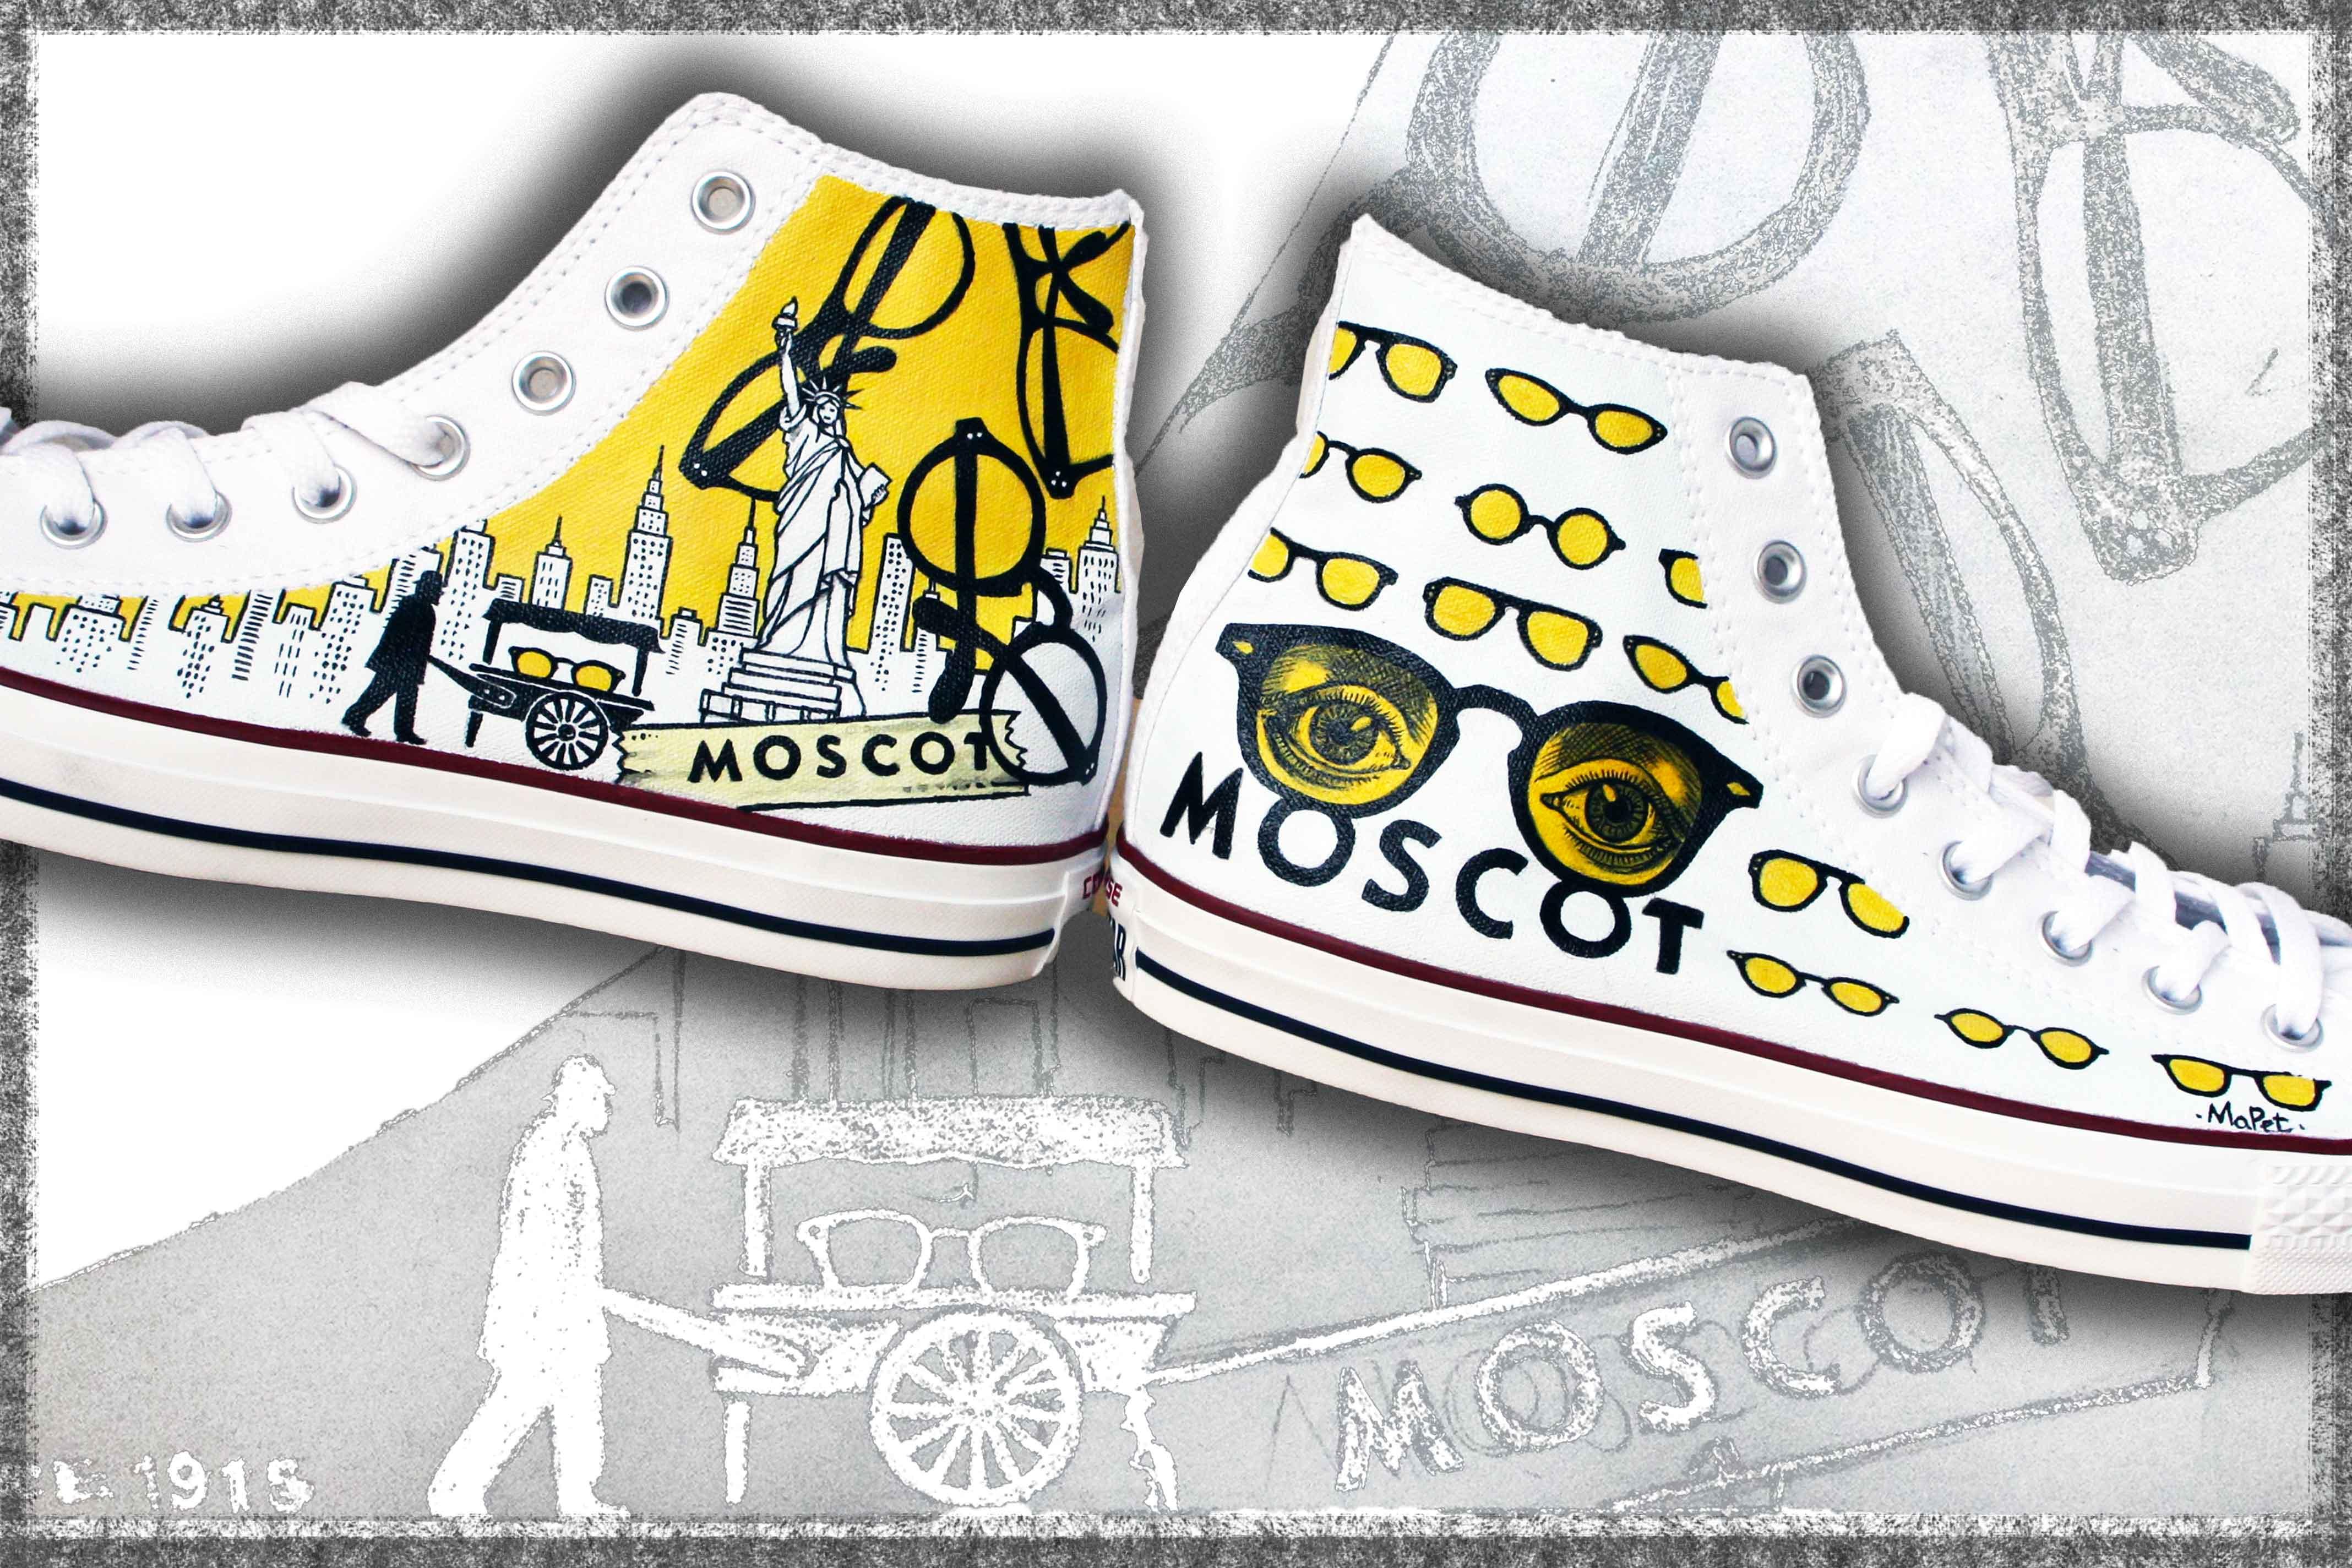 converse Moscot personalizzate